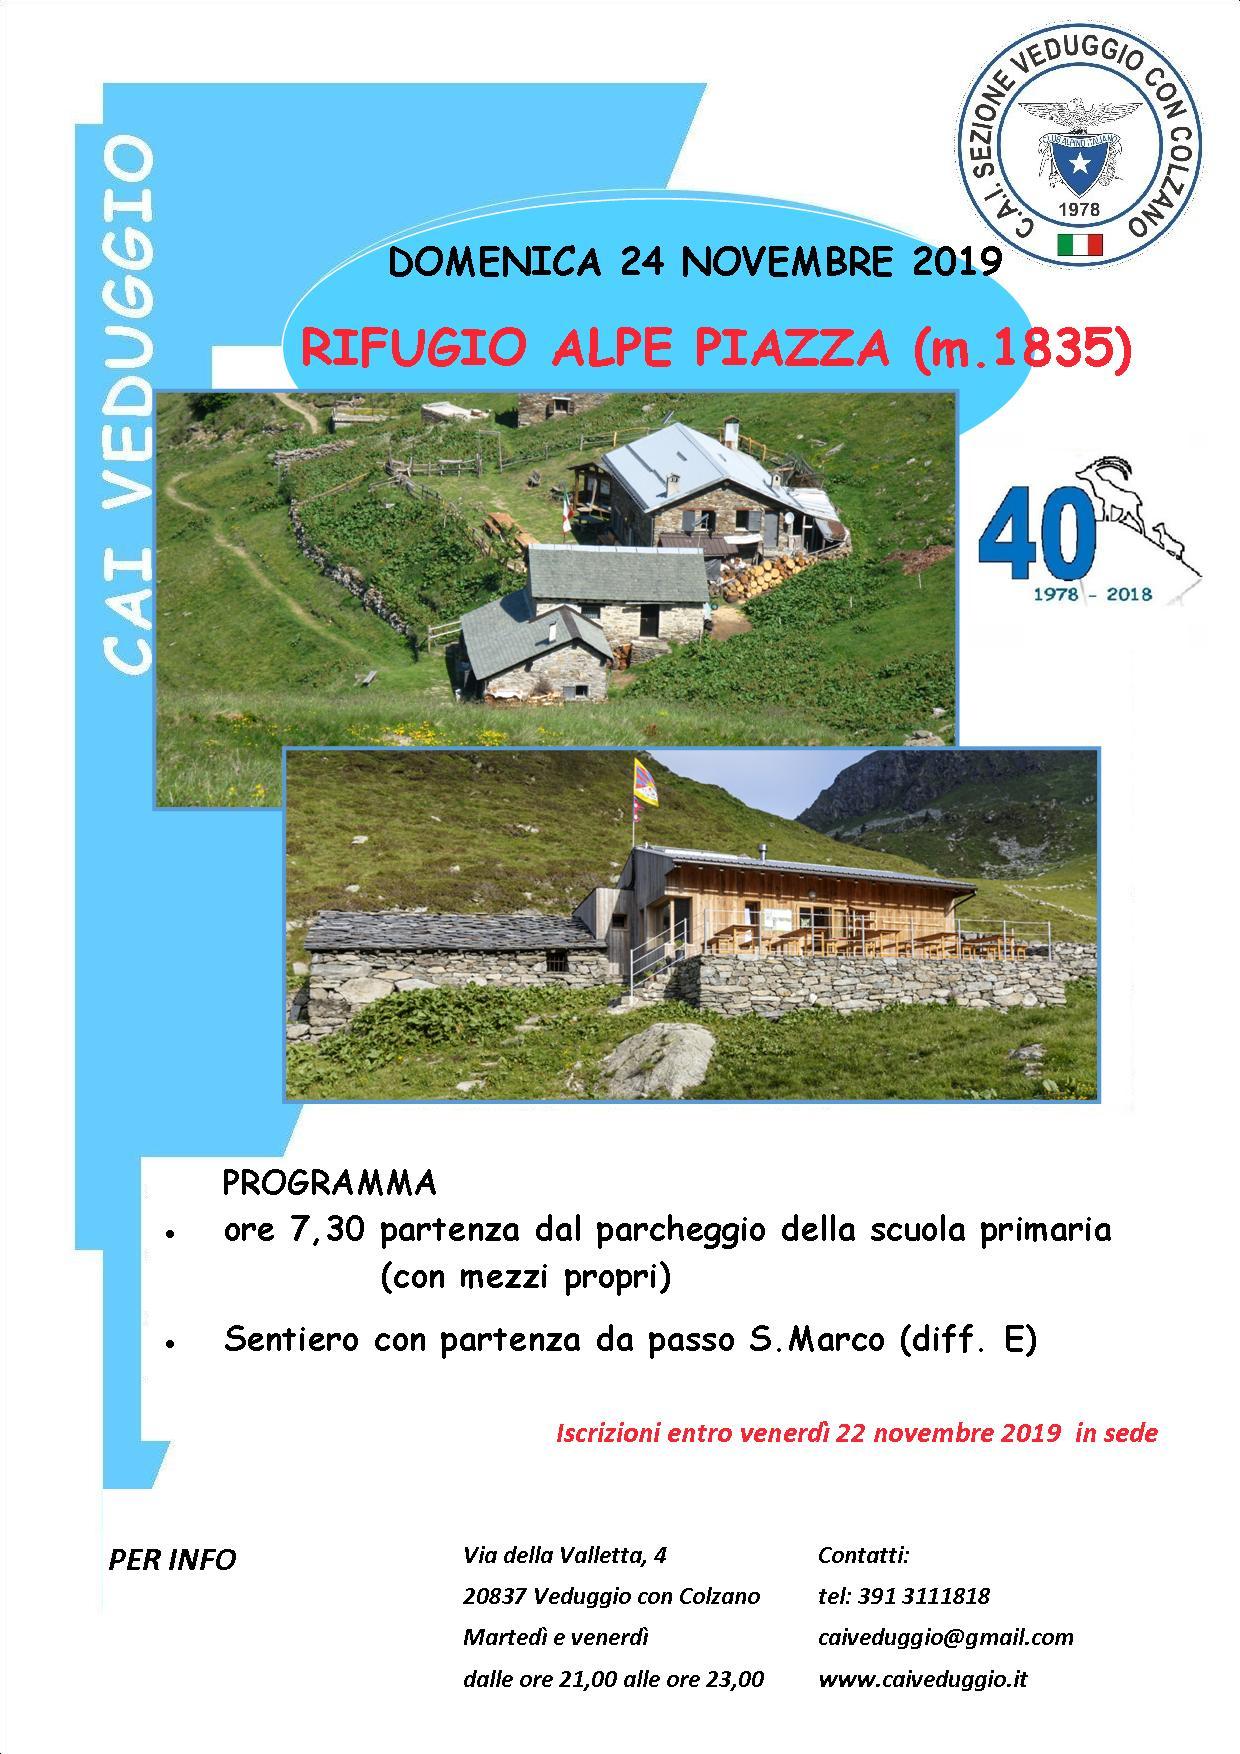 Domenica 24 novembre 2019 – Escursione al Rifugio Alpe Piazza (m.1835)